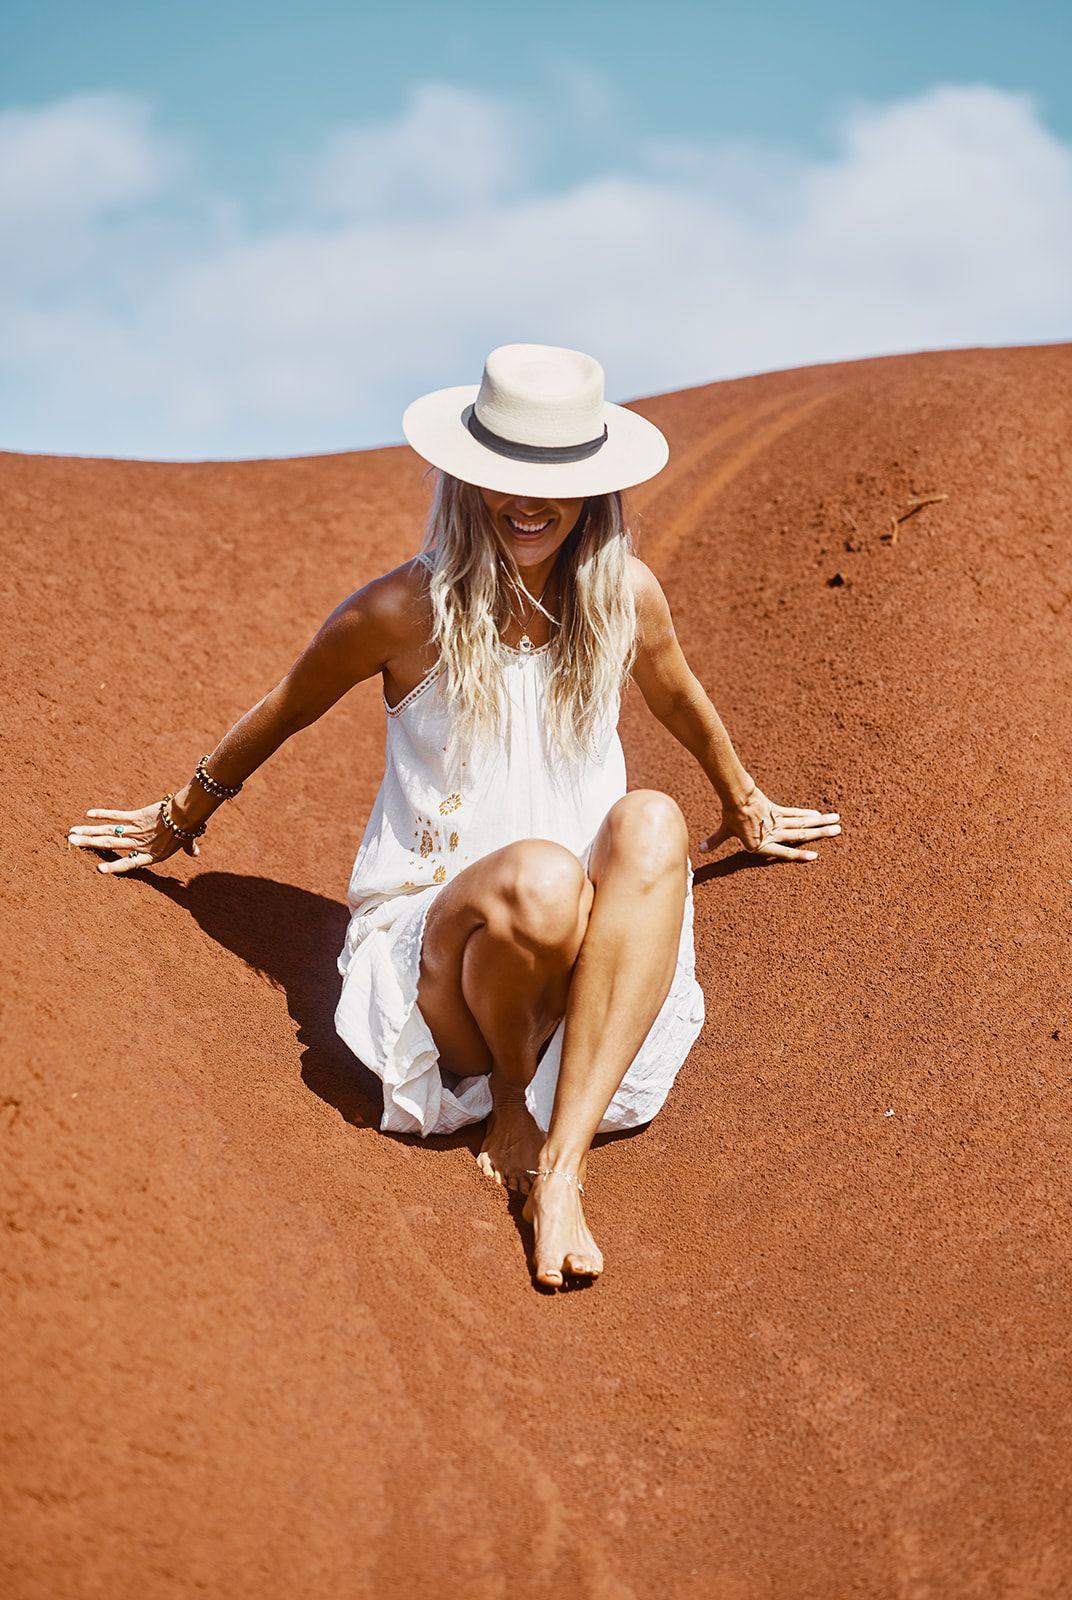 red-dirt-kauai-location-afewgoodclicks 28